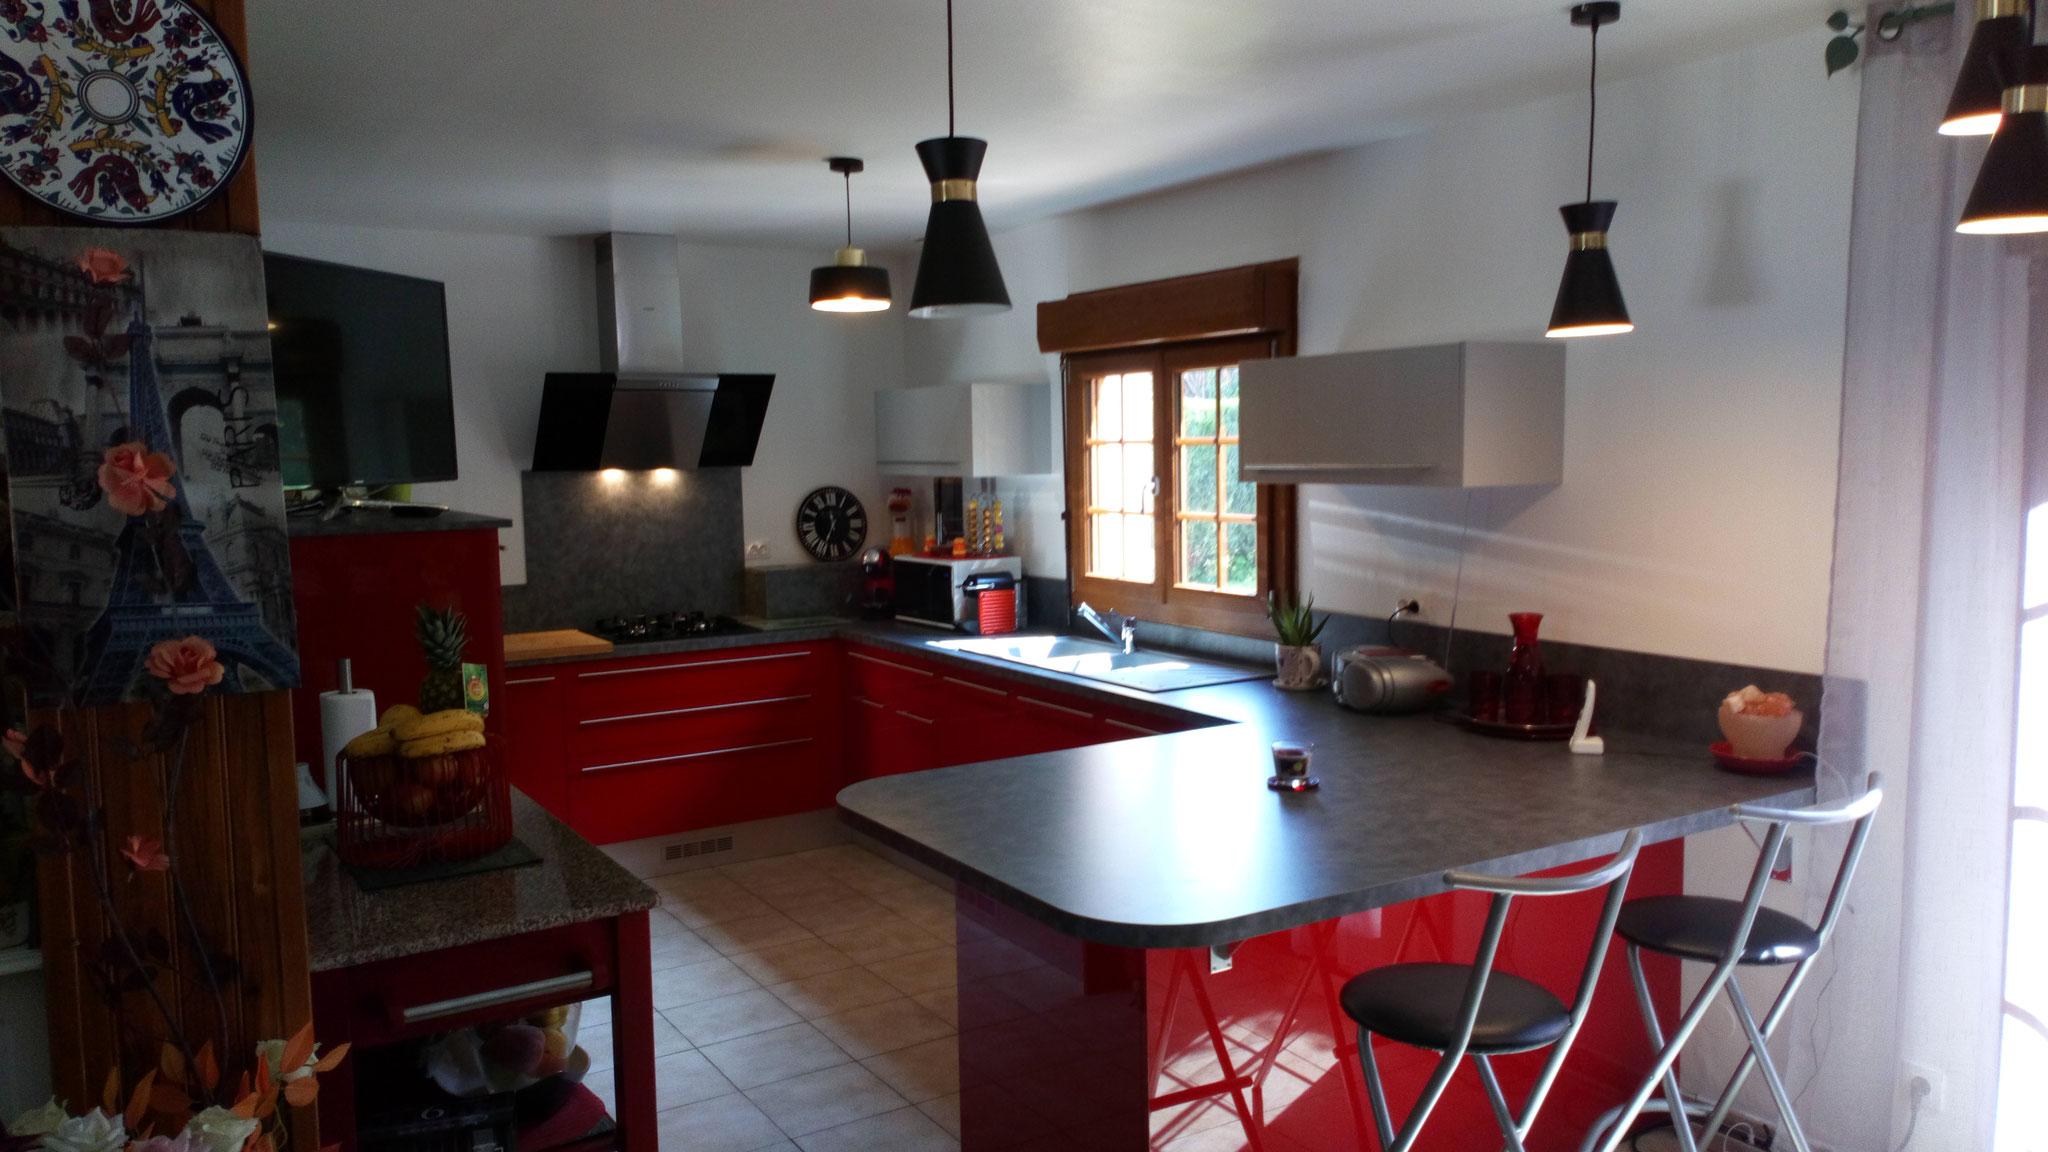 meubles rouge vif et hauts gris clairs brillants